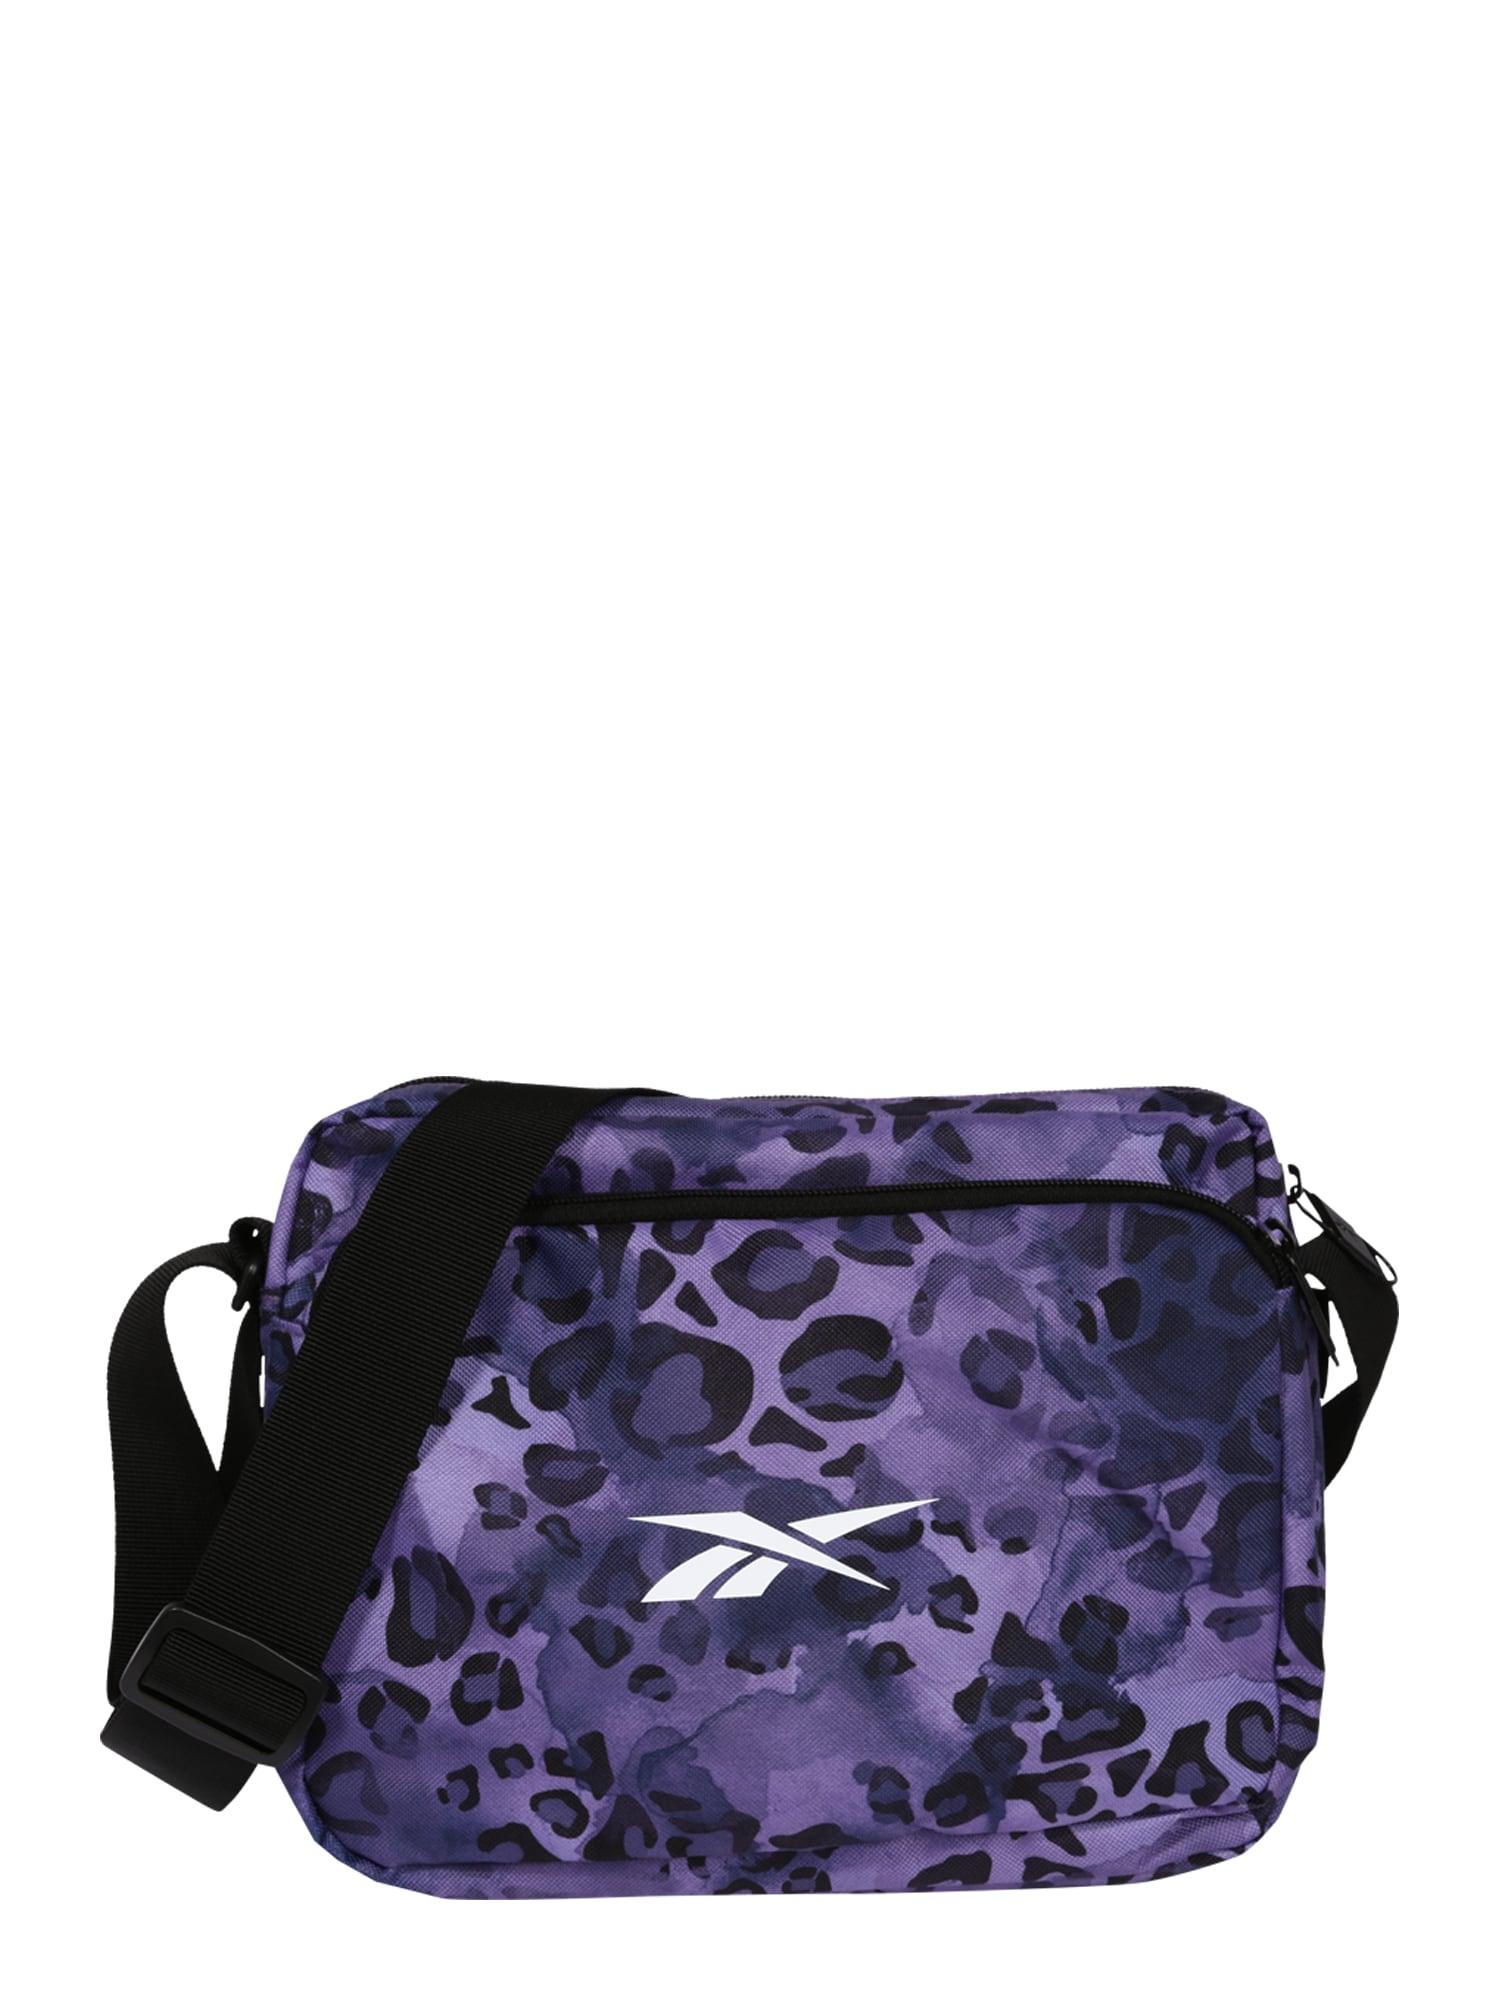 REEBOK Sportinis krepšys purpurinė / juoda / balta